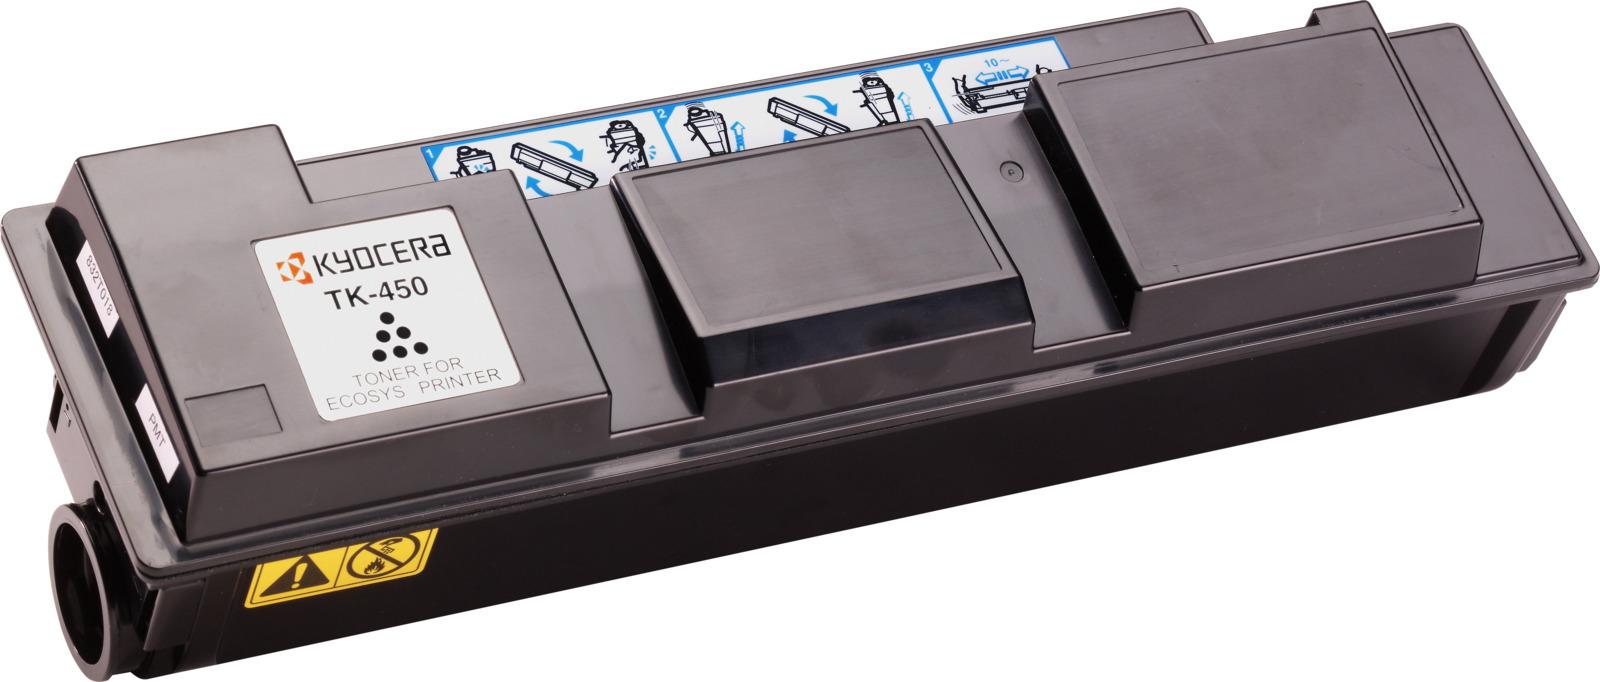 Картридж Kyocera TK-450, черный, для лазерного принтера